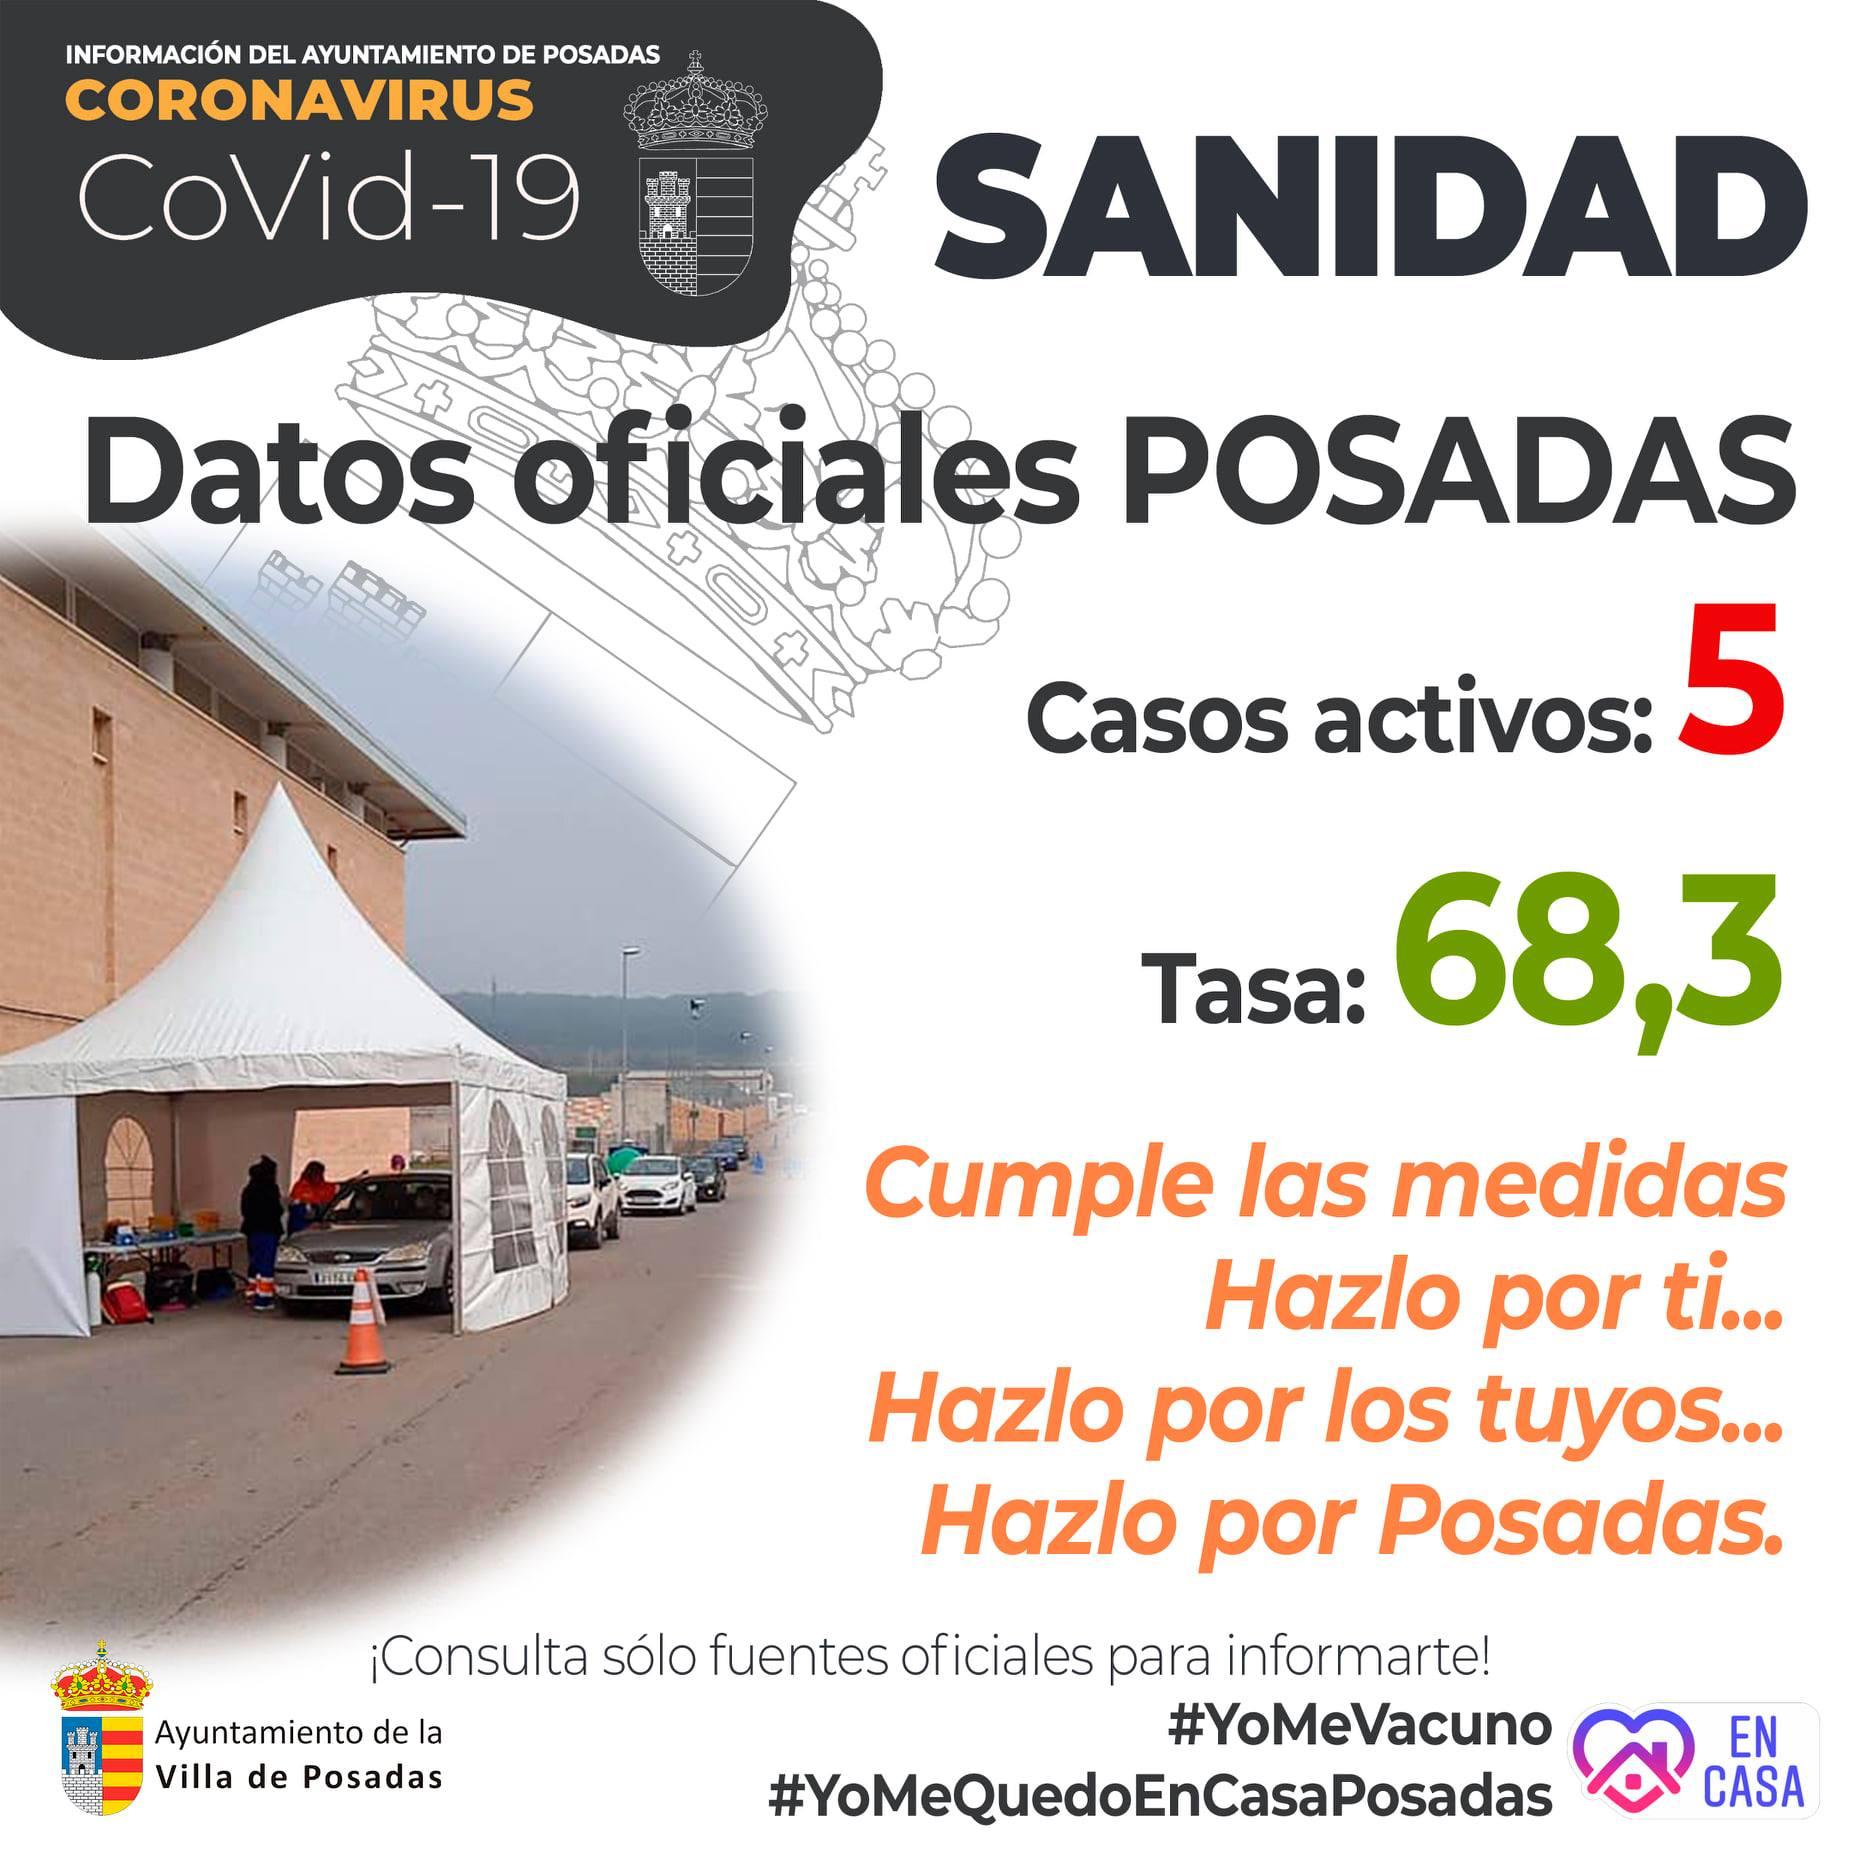 5 casos positivos activos de COVID-19 (febrero 2021) - Posadas (Córdoba)